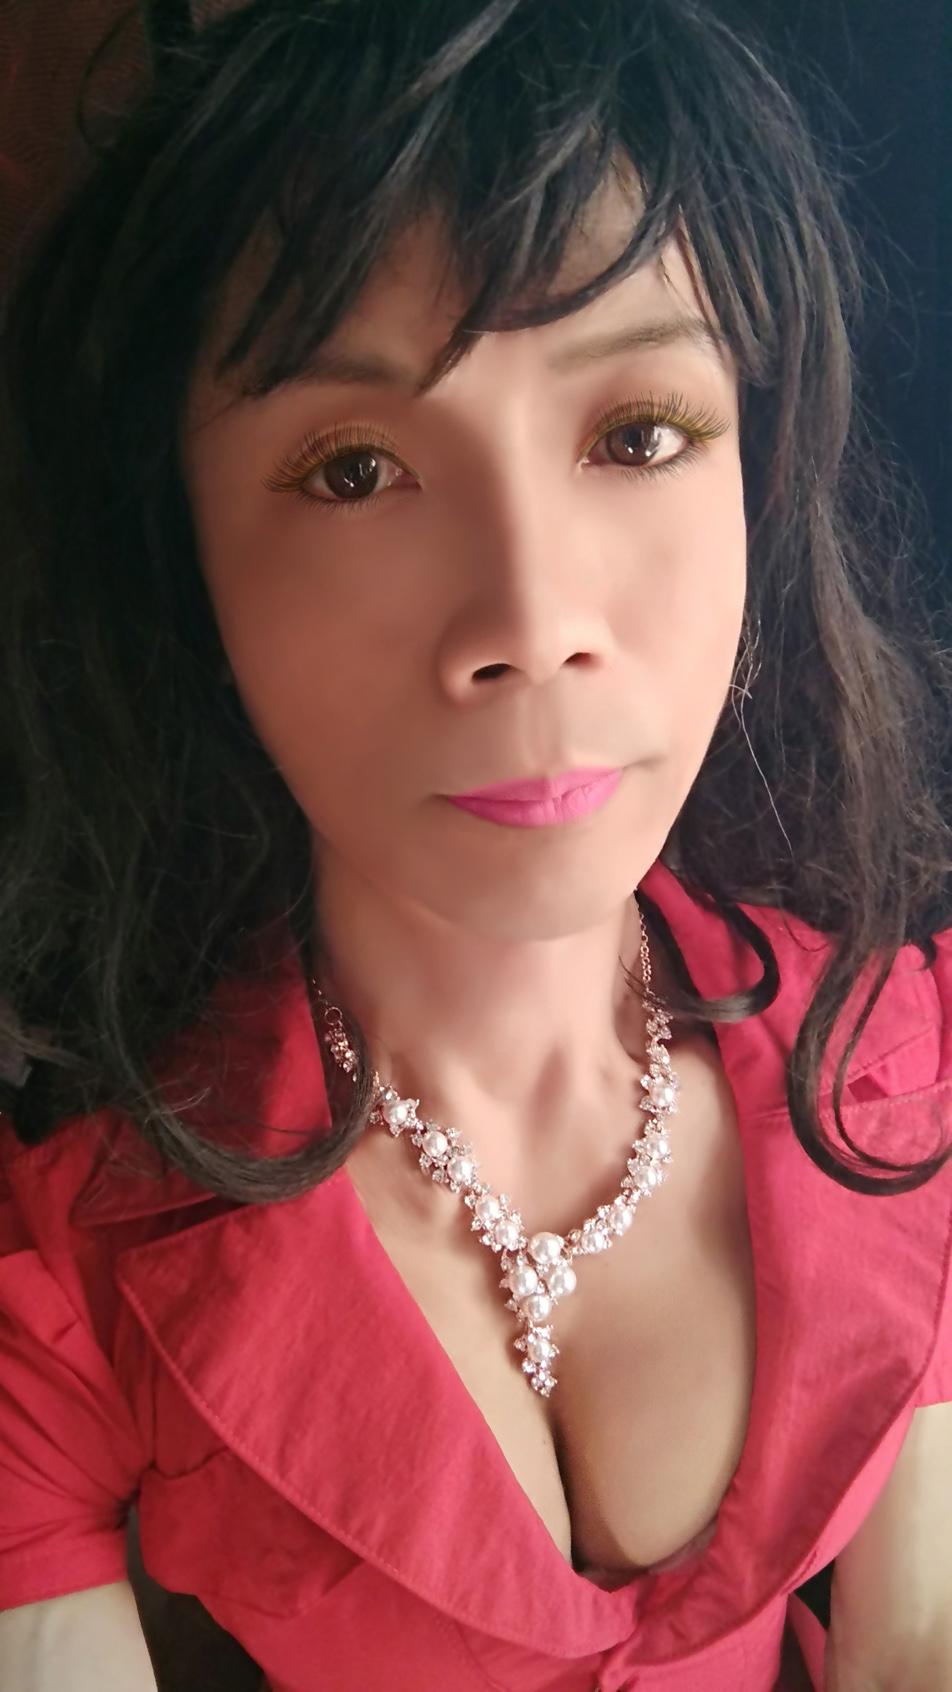 项链 胸肌哥 窗前斜阳_图1-3